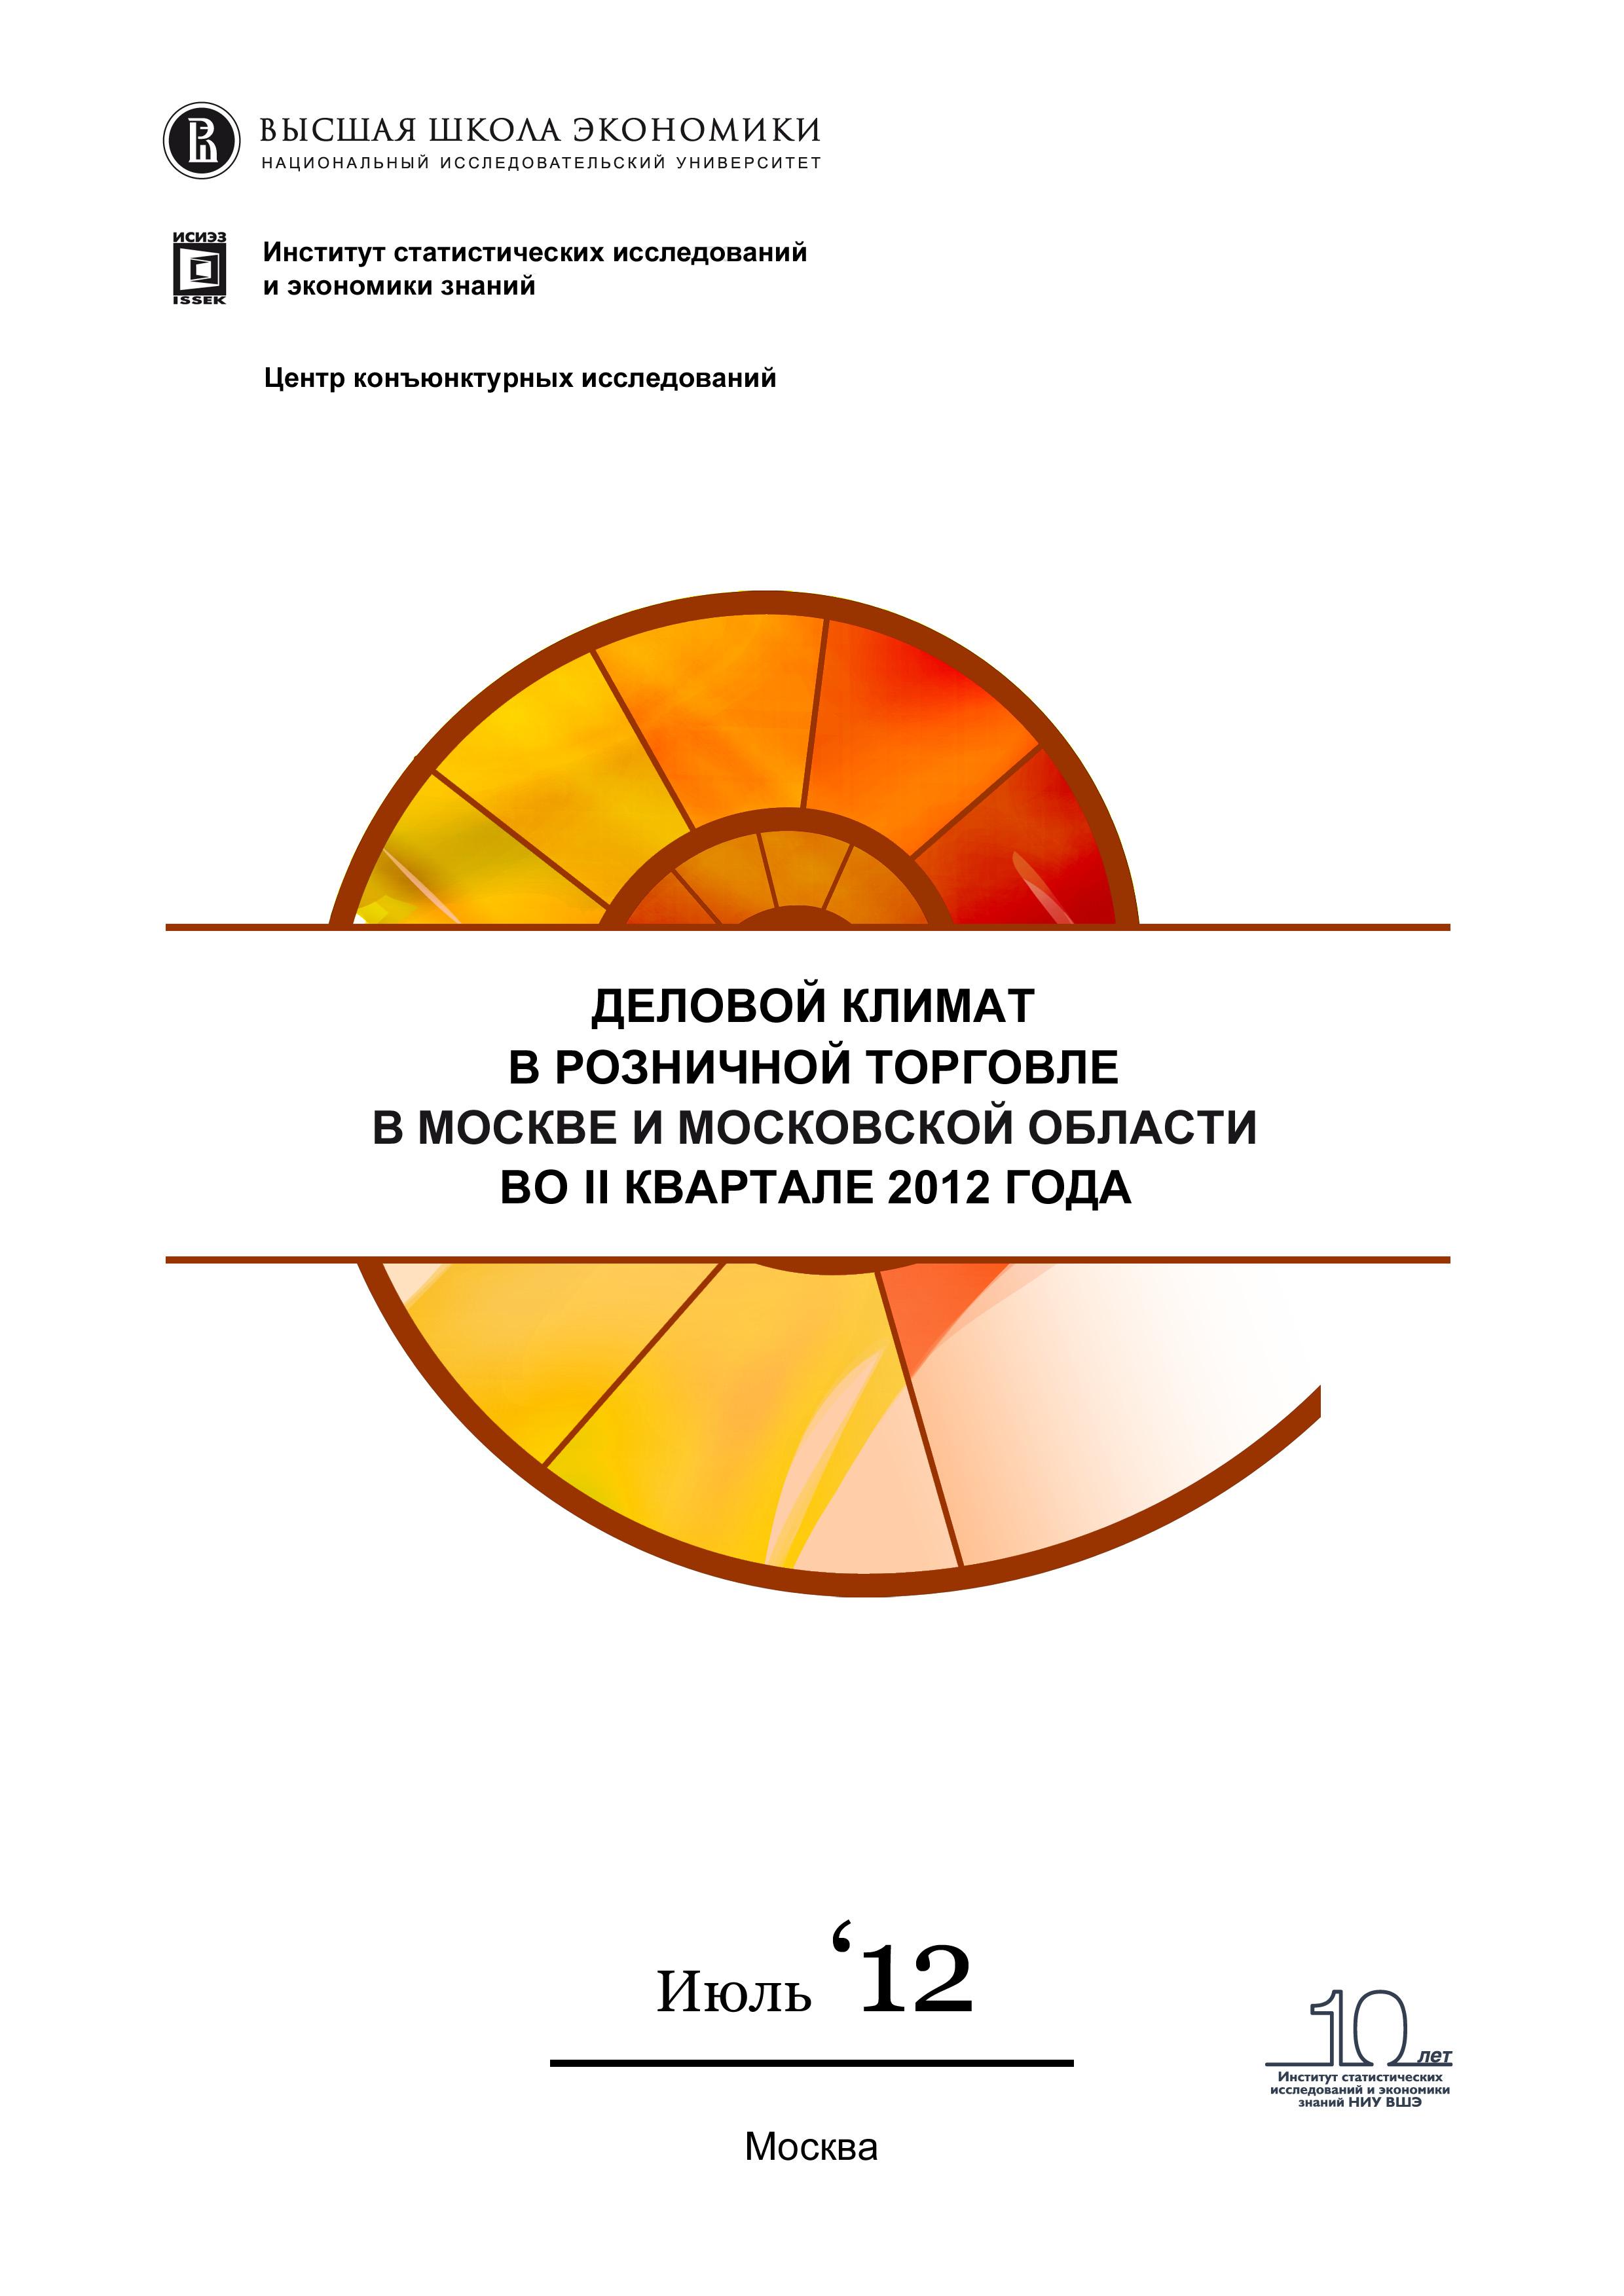 Деловой климат в розничной торговле в Москве и Московской области во II квартале 2012 года